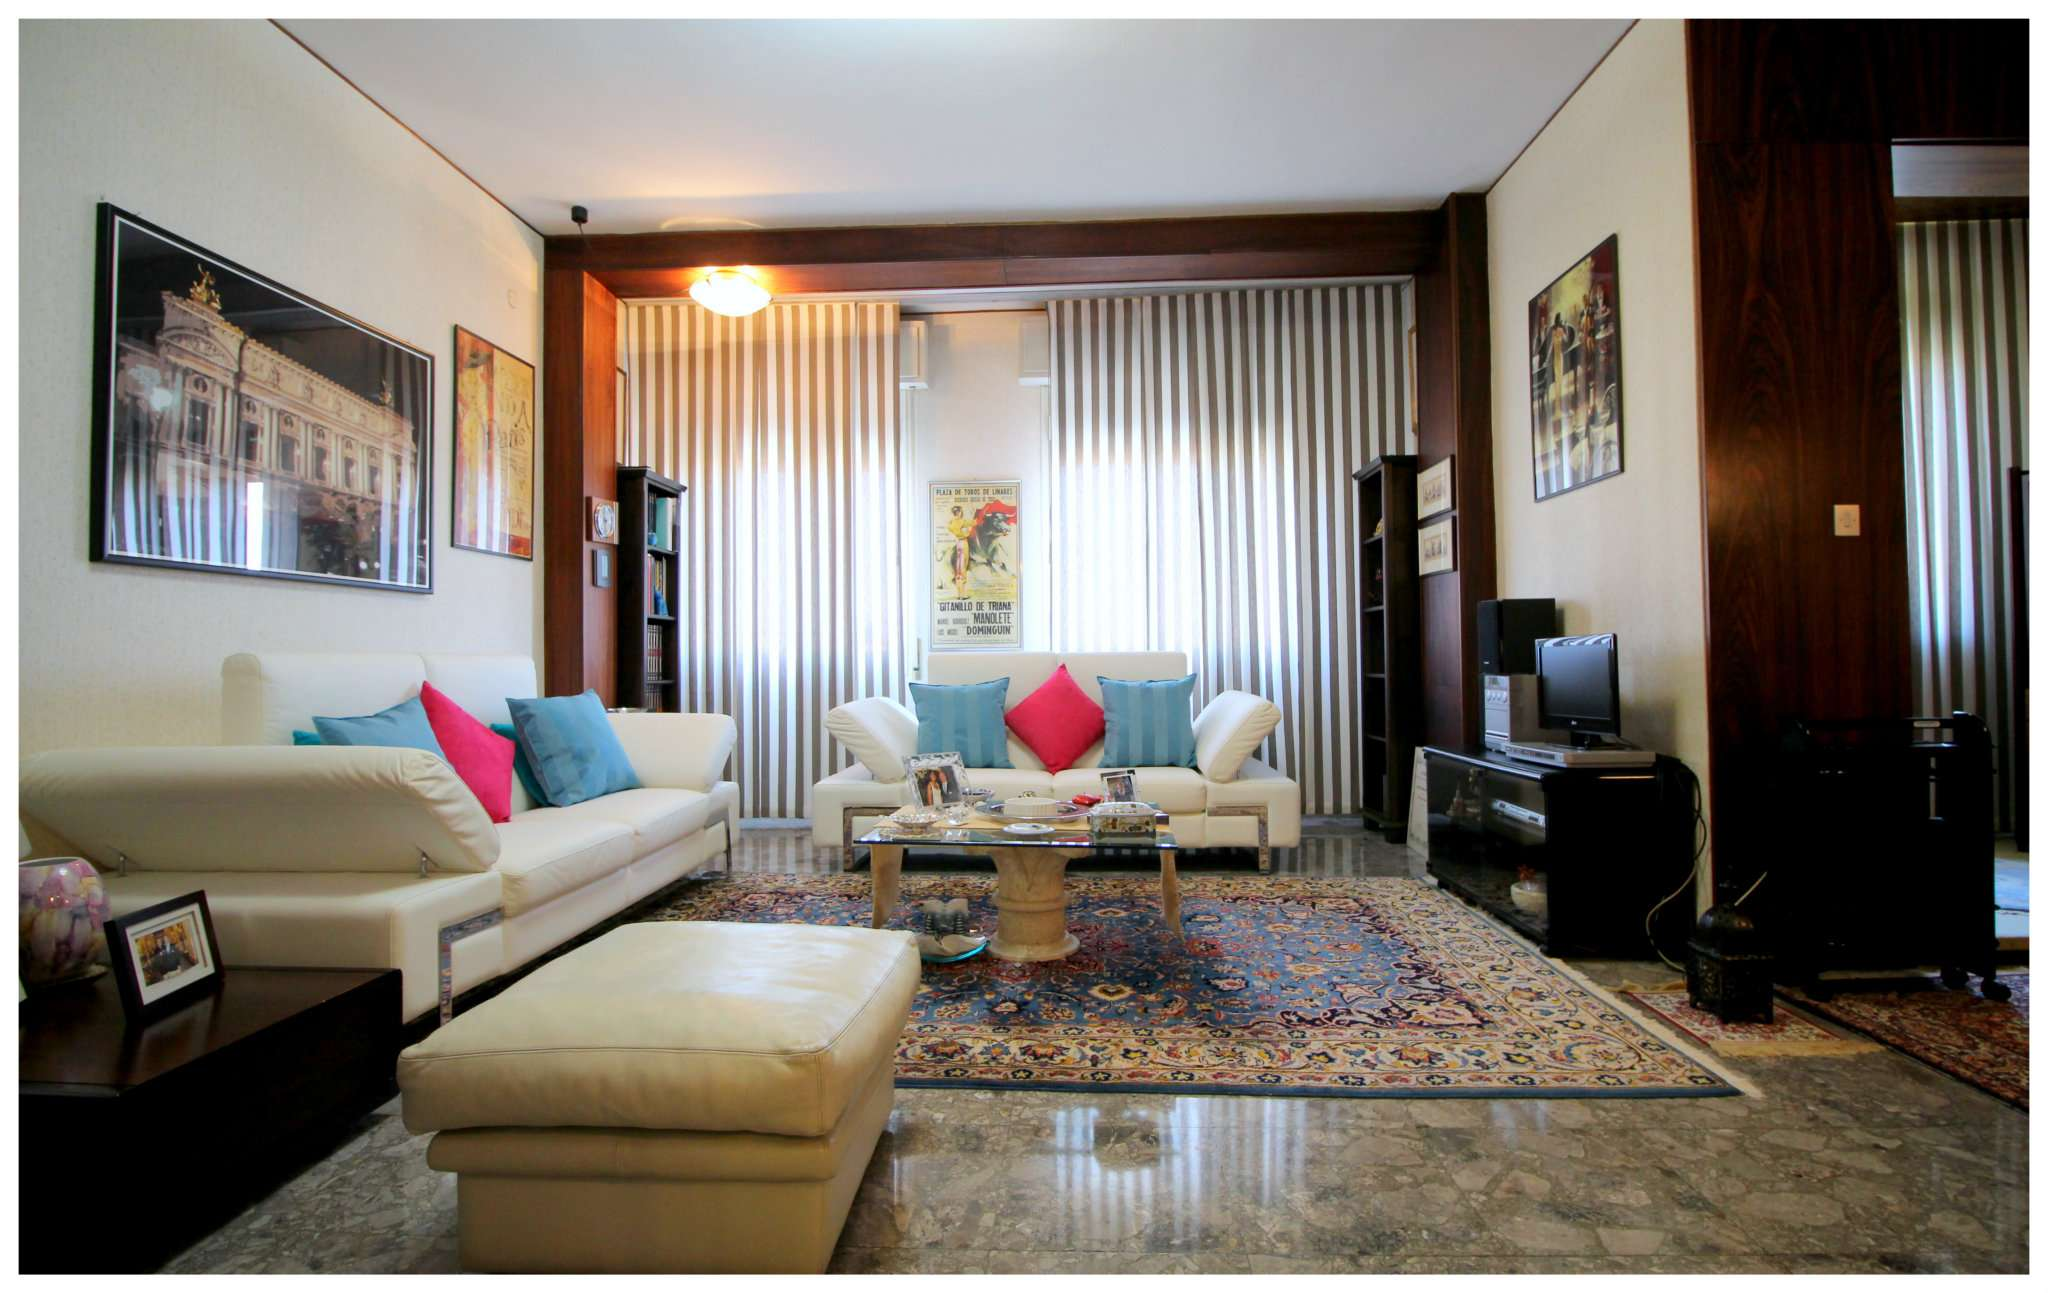 Case e appartamenti in affitto a casalecchio di reno for Affitto bilocale arredato casalecchio di reno